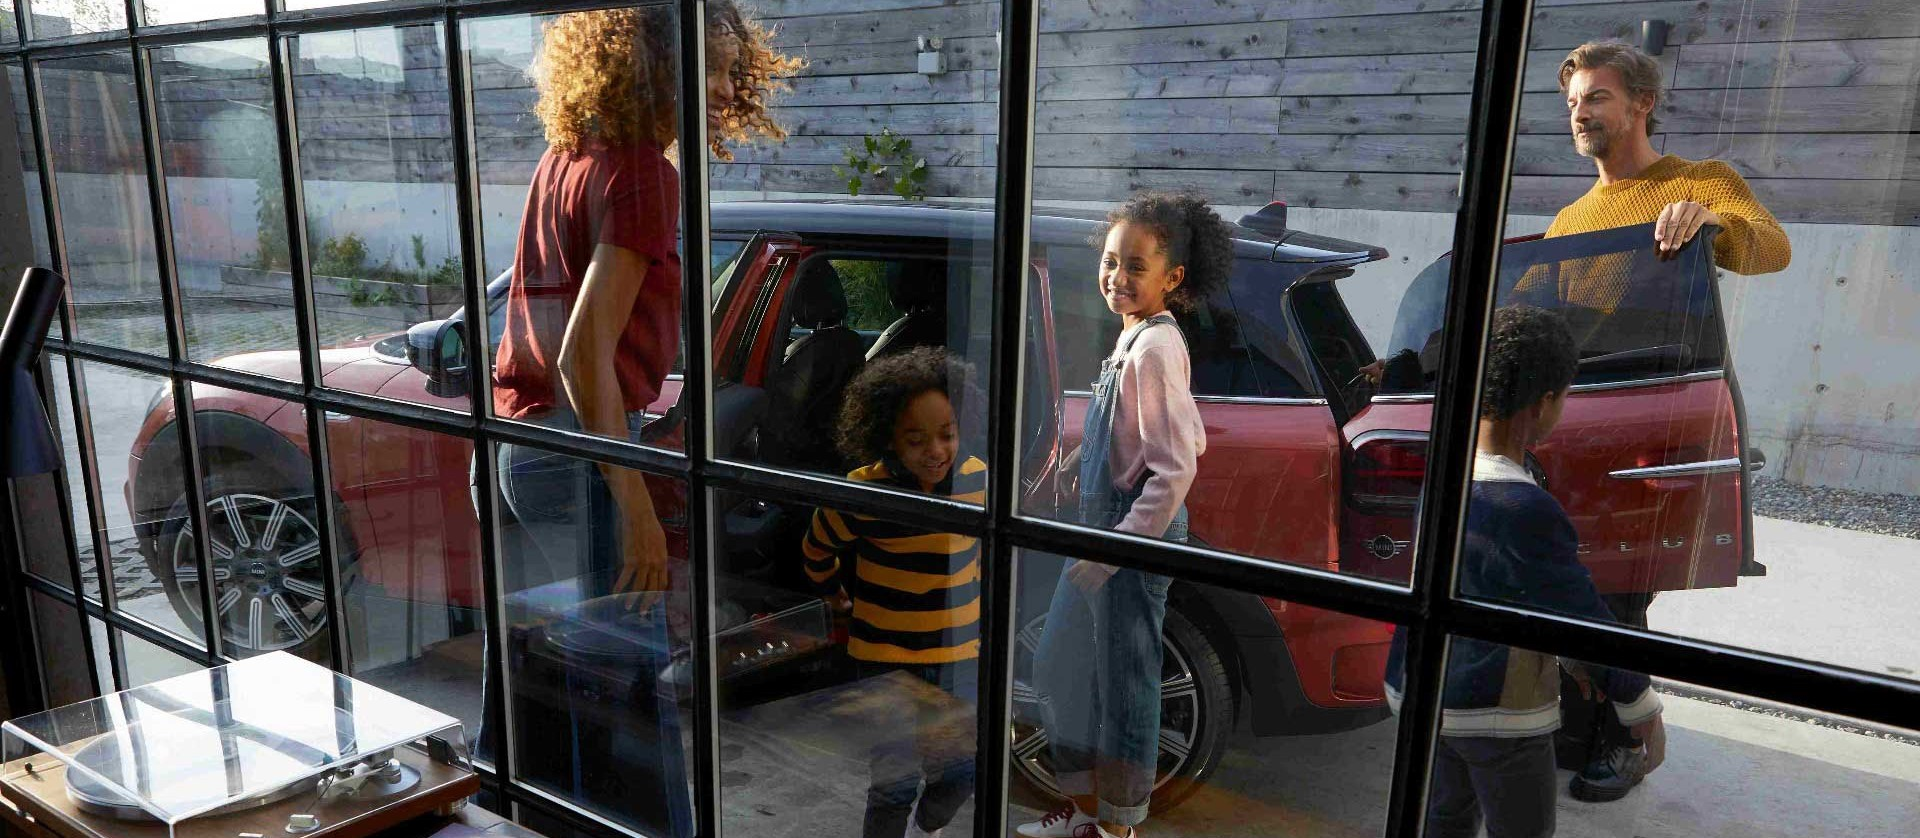 Junge Familie unternimmt einen Tagesausflug in ihrem MINI Abo.